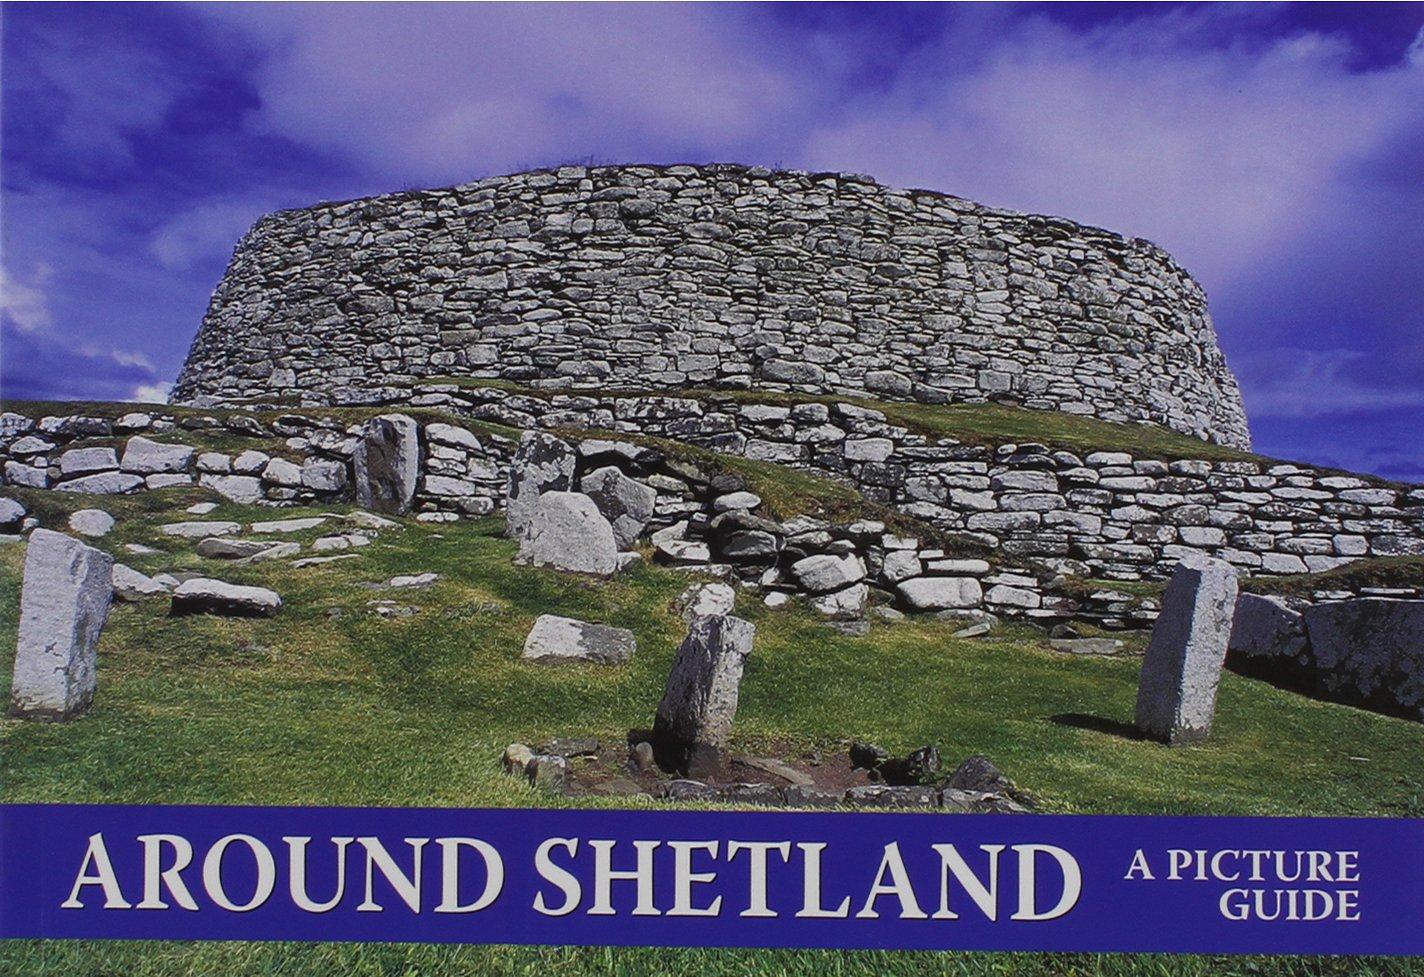 Around Shetland: A Picture Guide PDF